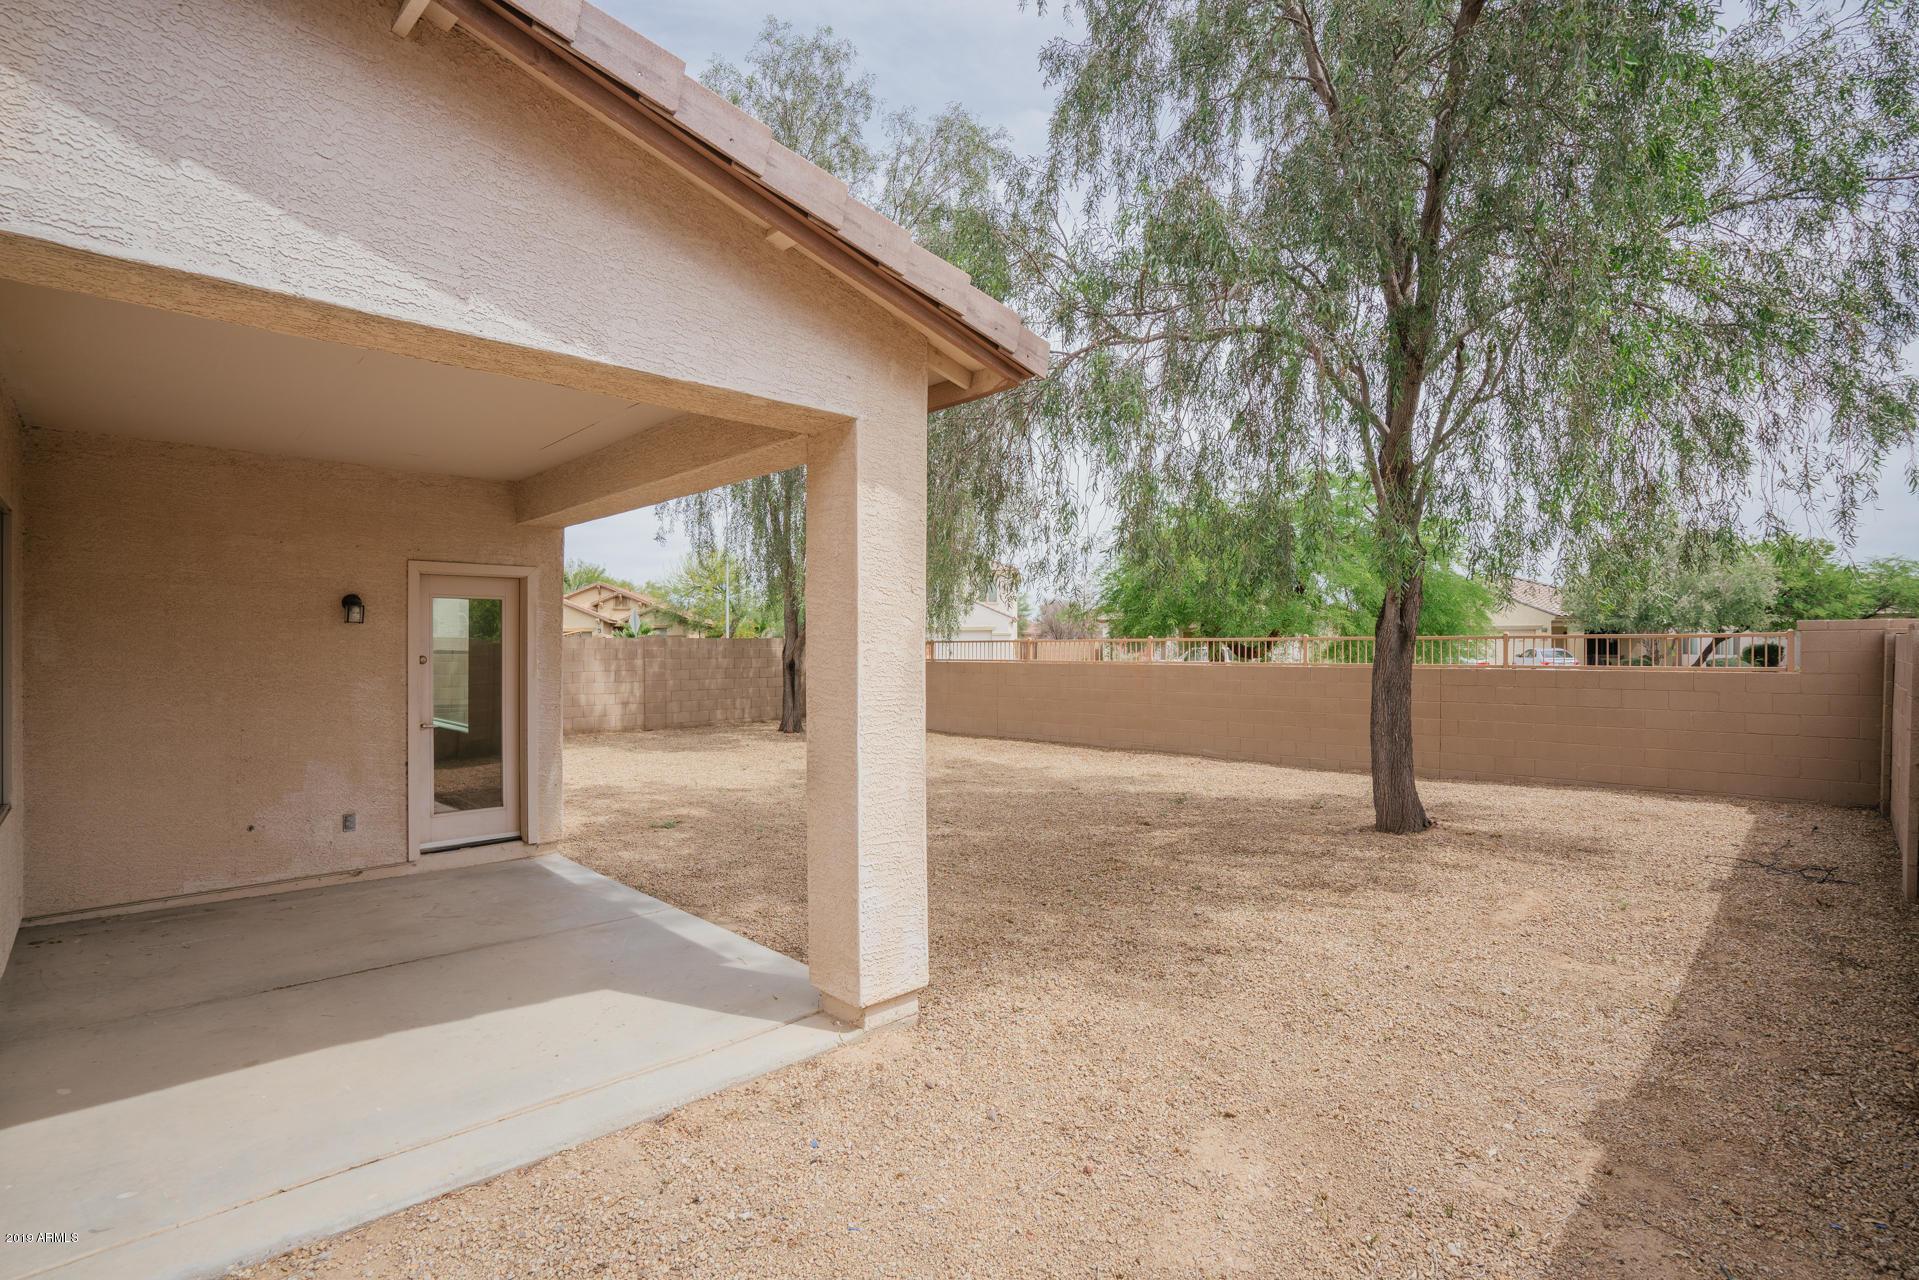 MLS 5924805 11609 W GRANT Street, Avondale, AZ 85323 Avondale AZ Glenhurst